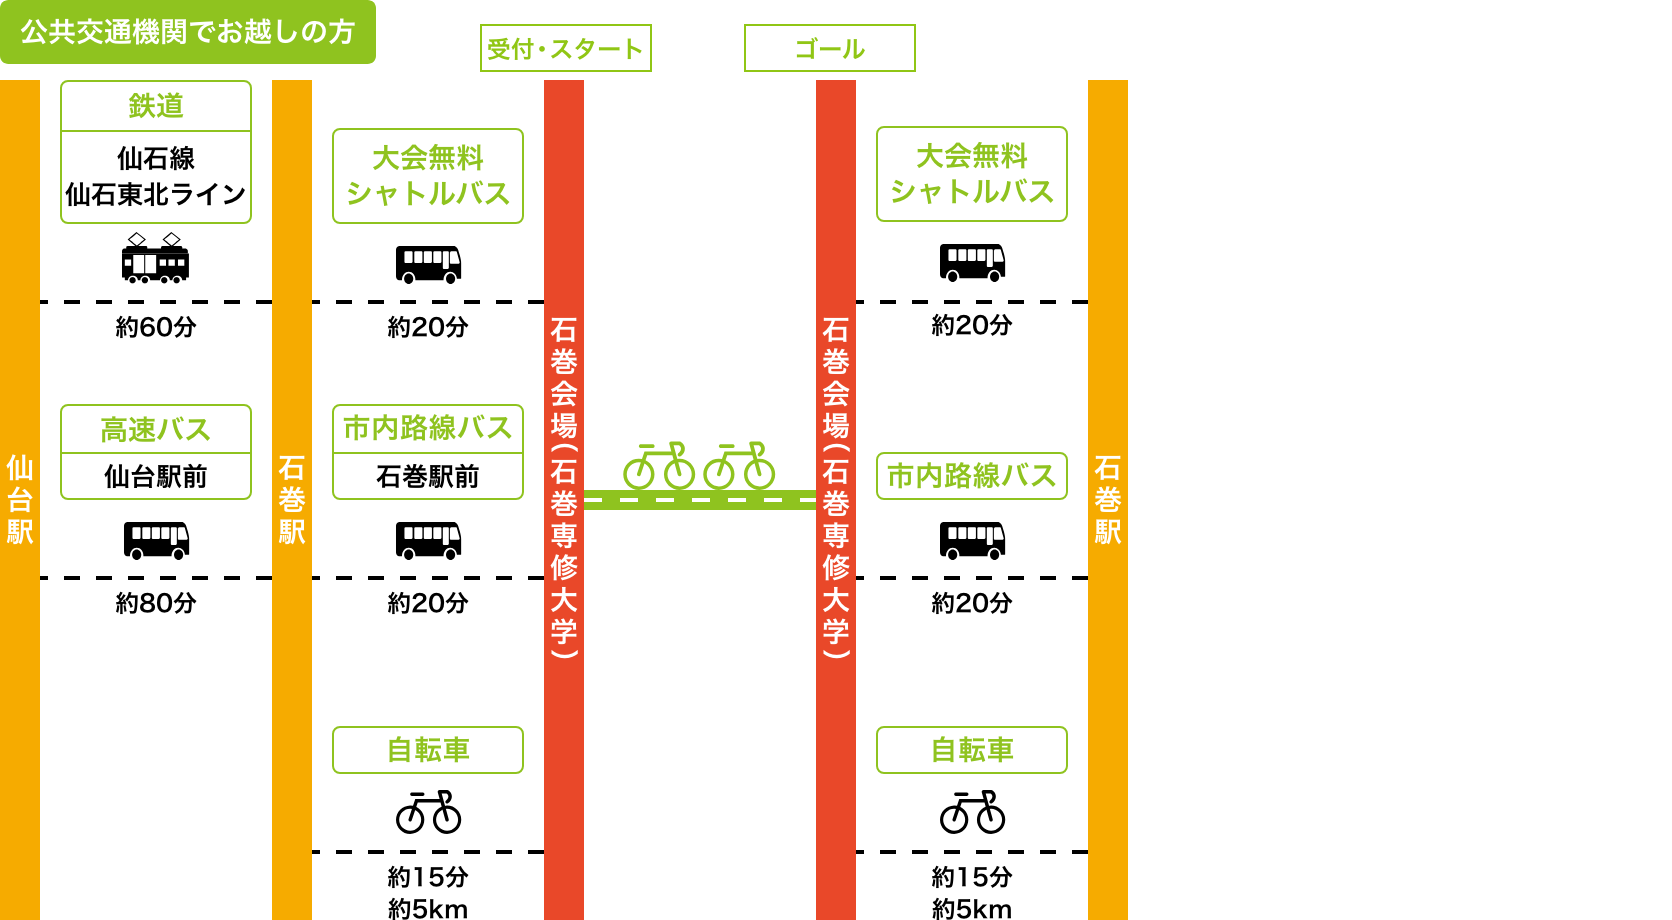 石巻会場(石巻専修大学)へのアクセス図:公共交通機関でお越しの方